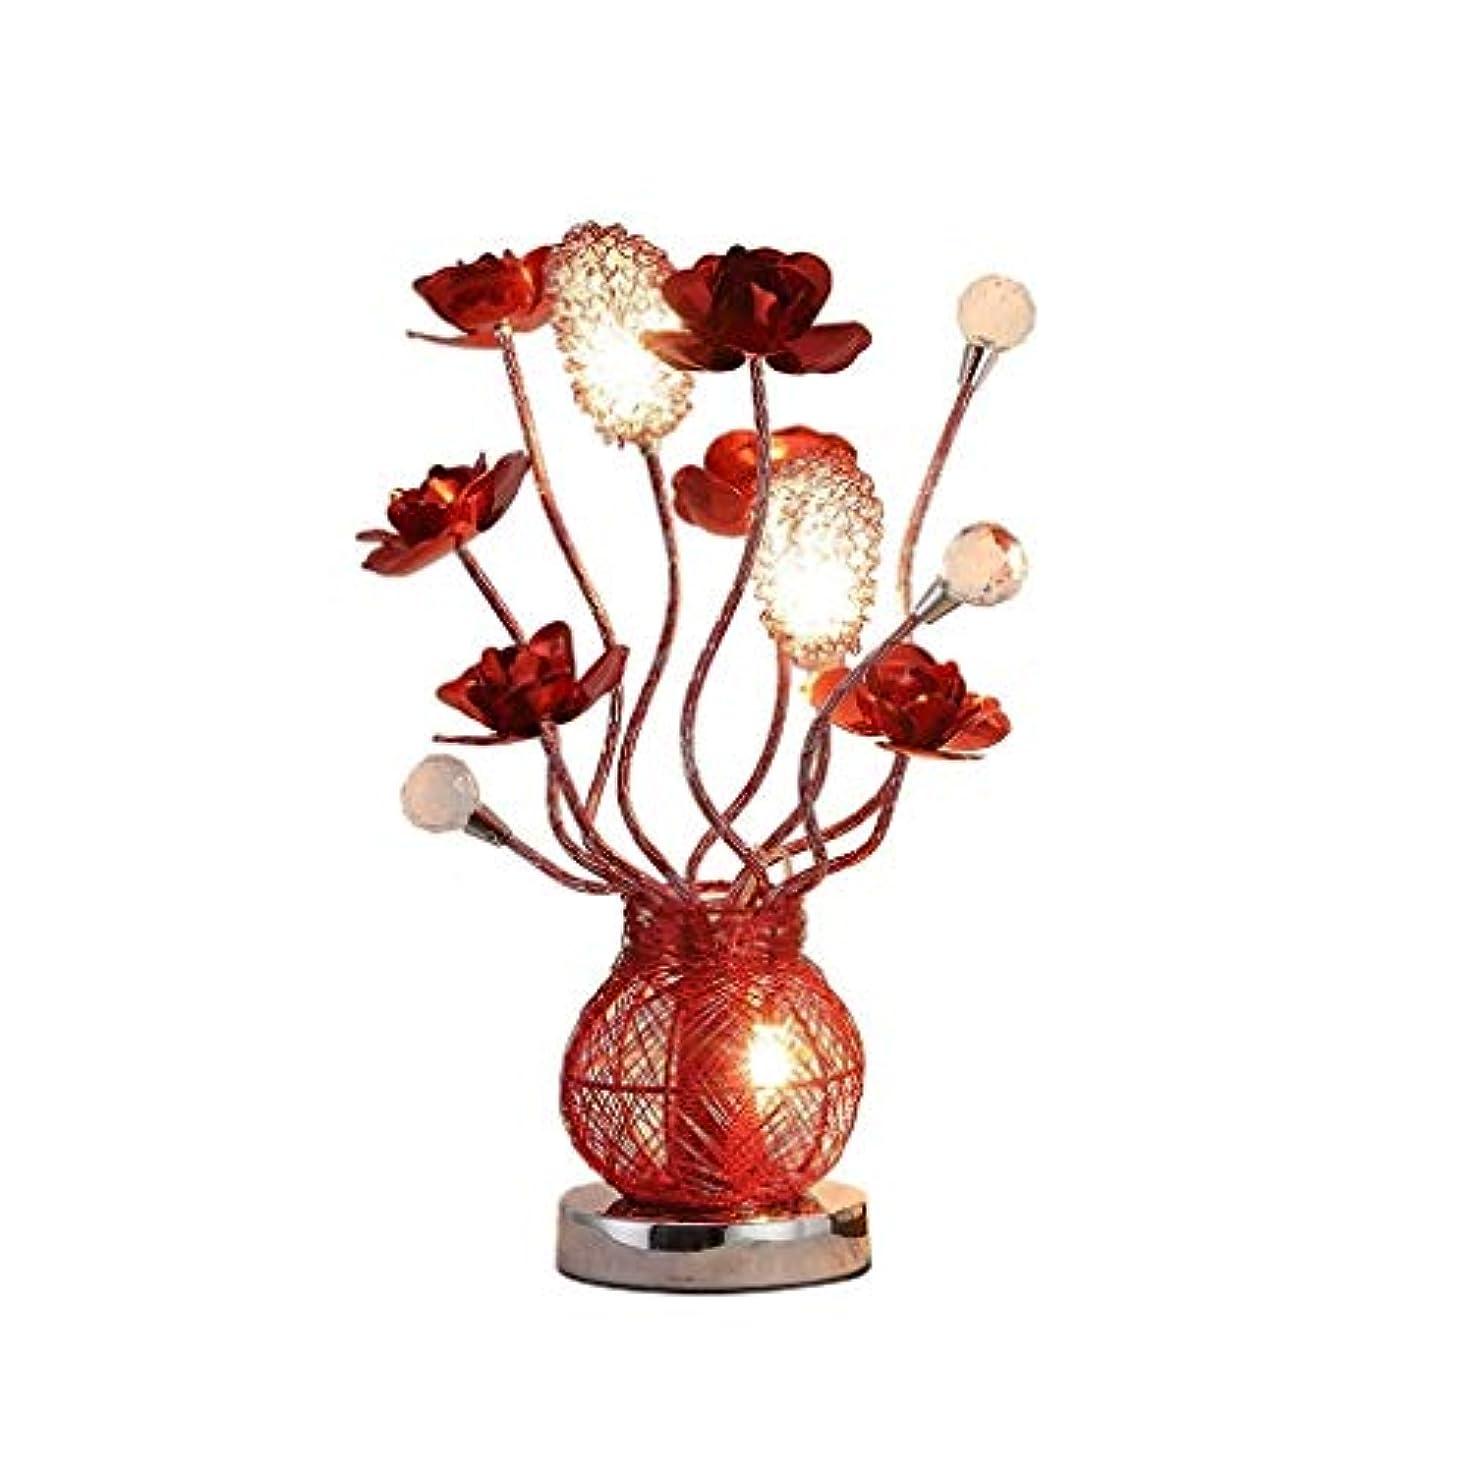 サイレン正確に胆嚢高品質テーブルランプ 創造的な寝室のベッドサイドクリスタルテーブルランプヨーロッパの赤いバラのギフトLEDナイトライト エネルギーを節約